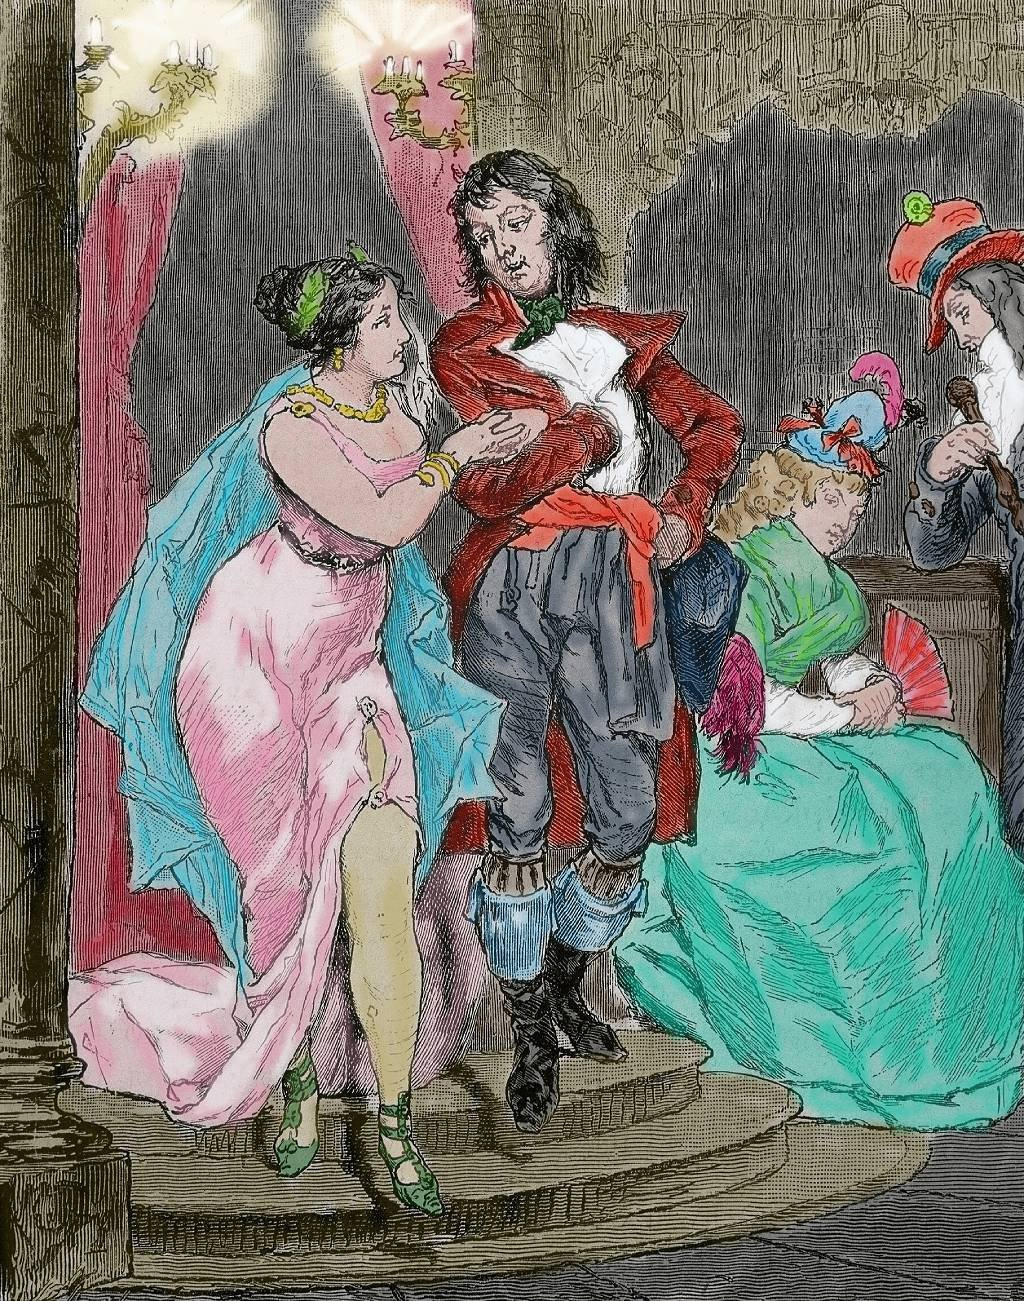 Moda en Francia durante la penúltima etapa de la Revolución Francesa. Directorio de disfraces de época. 1795-1799. Grabado del siglo XIX, coloreado.